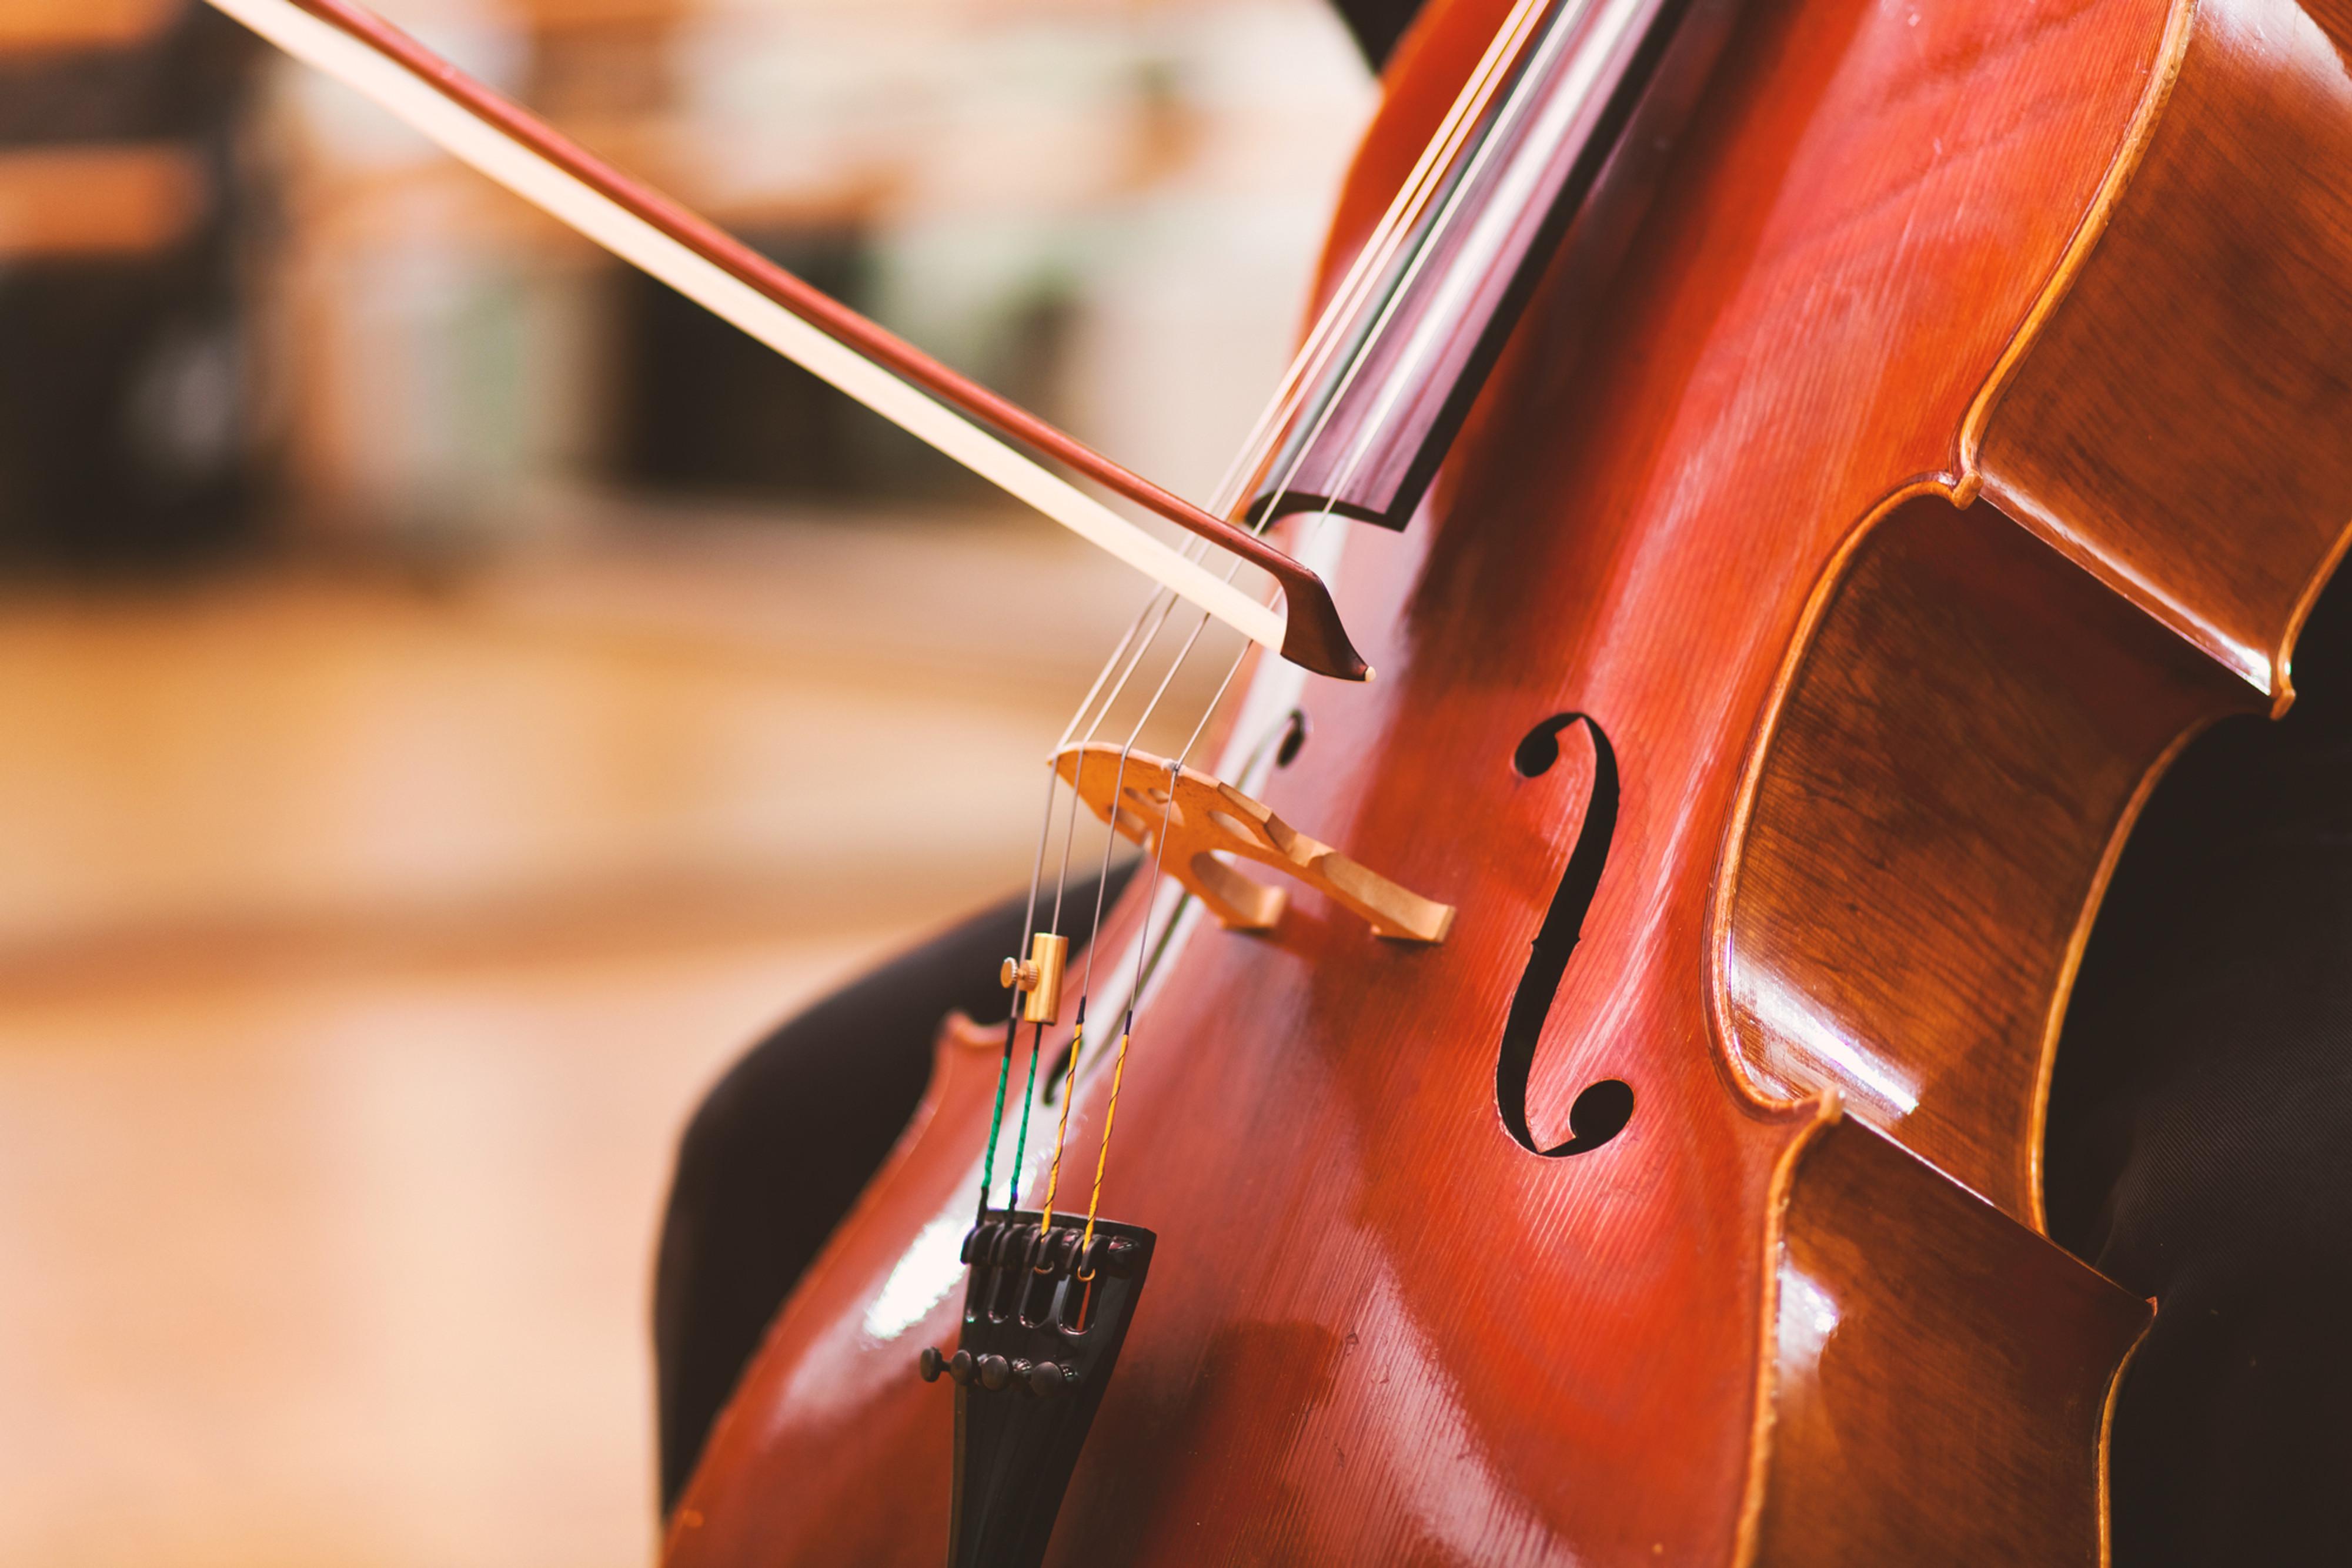 Intermediate Violin or Cello